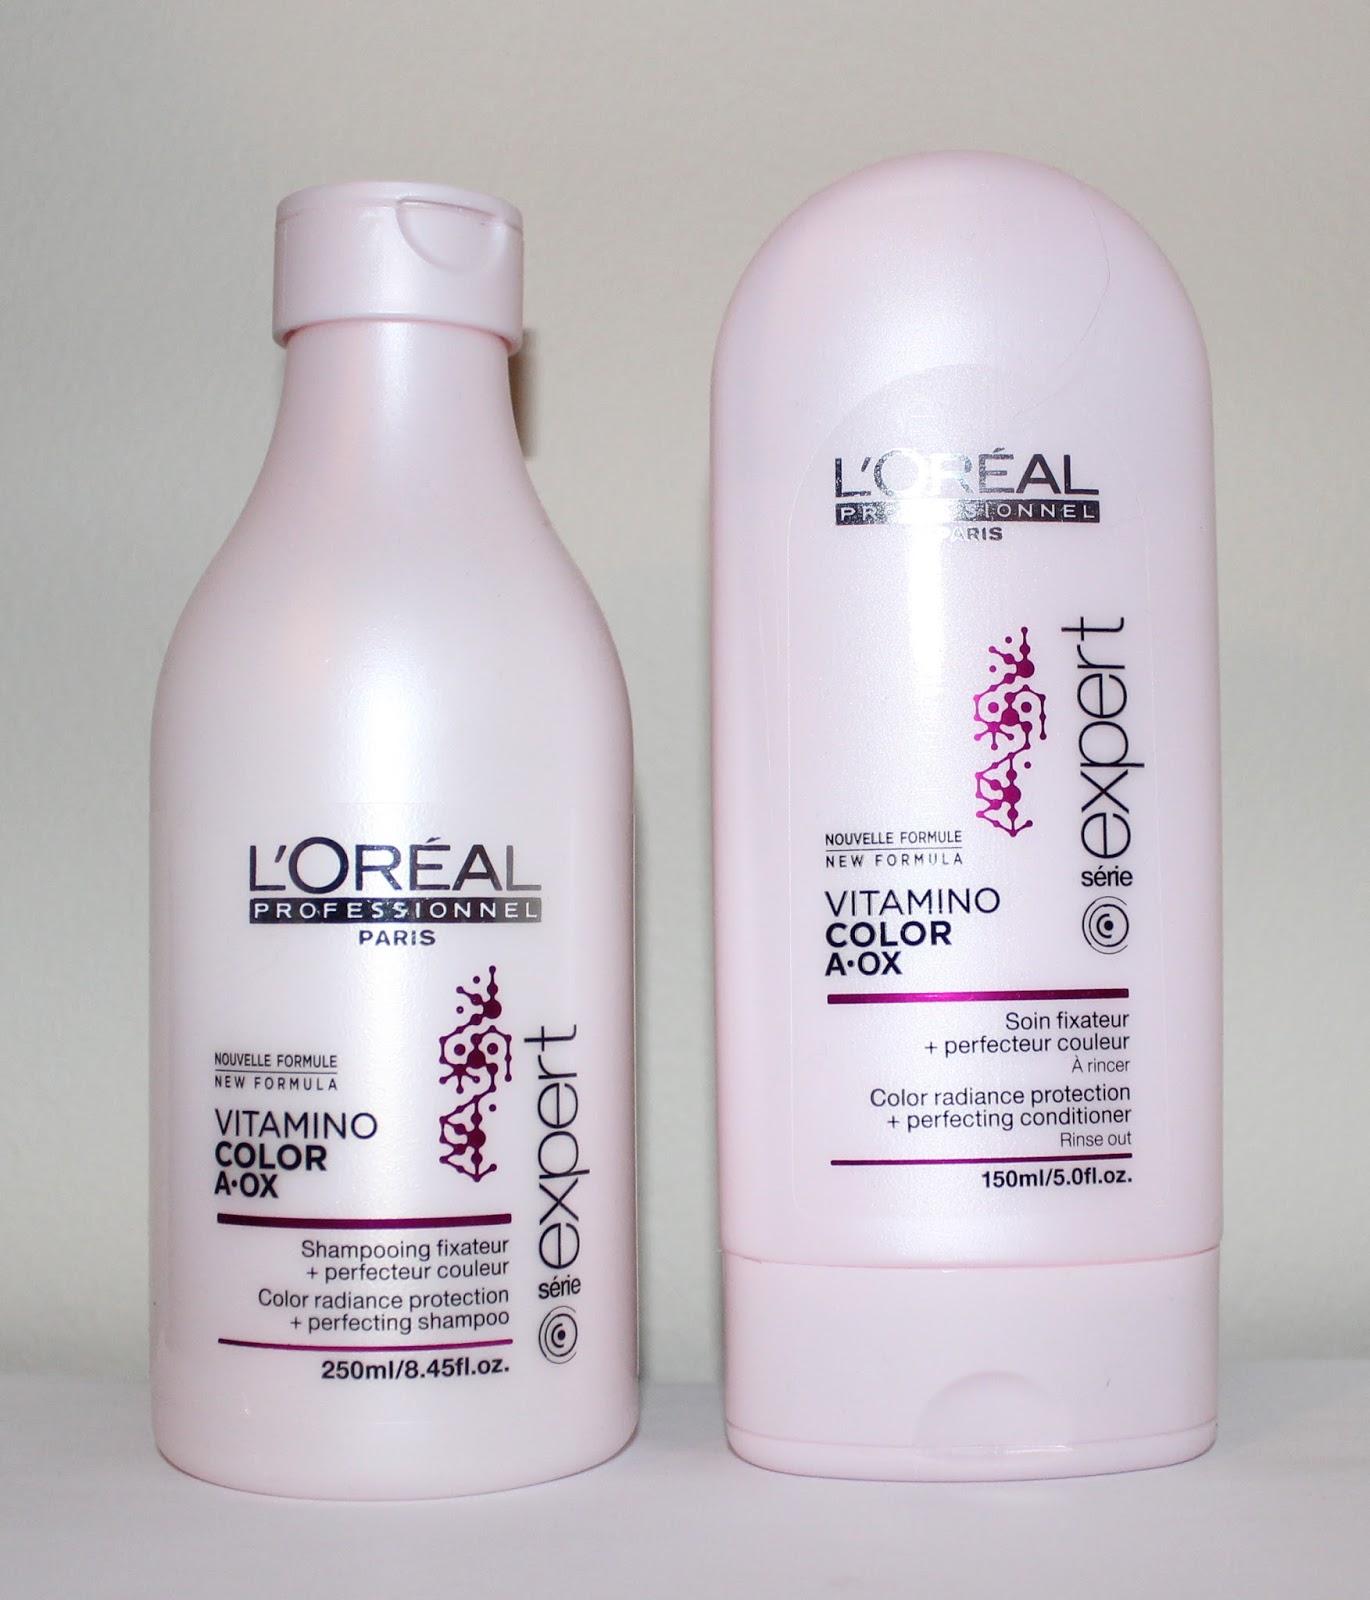 loral professionnel vitamino color a ox shampoo conditioner - L Oreal Vitamino Color